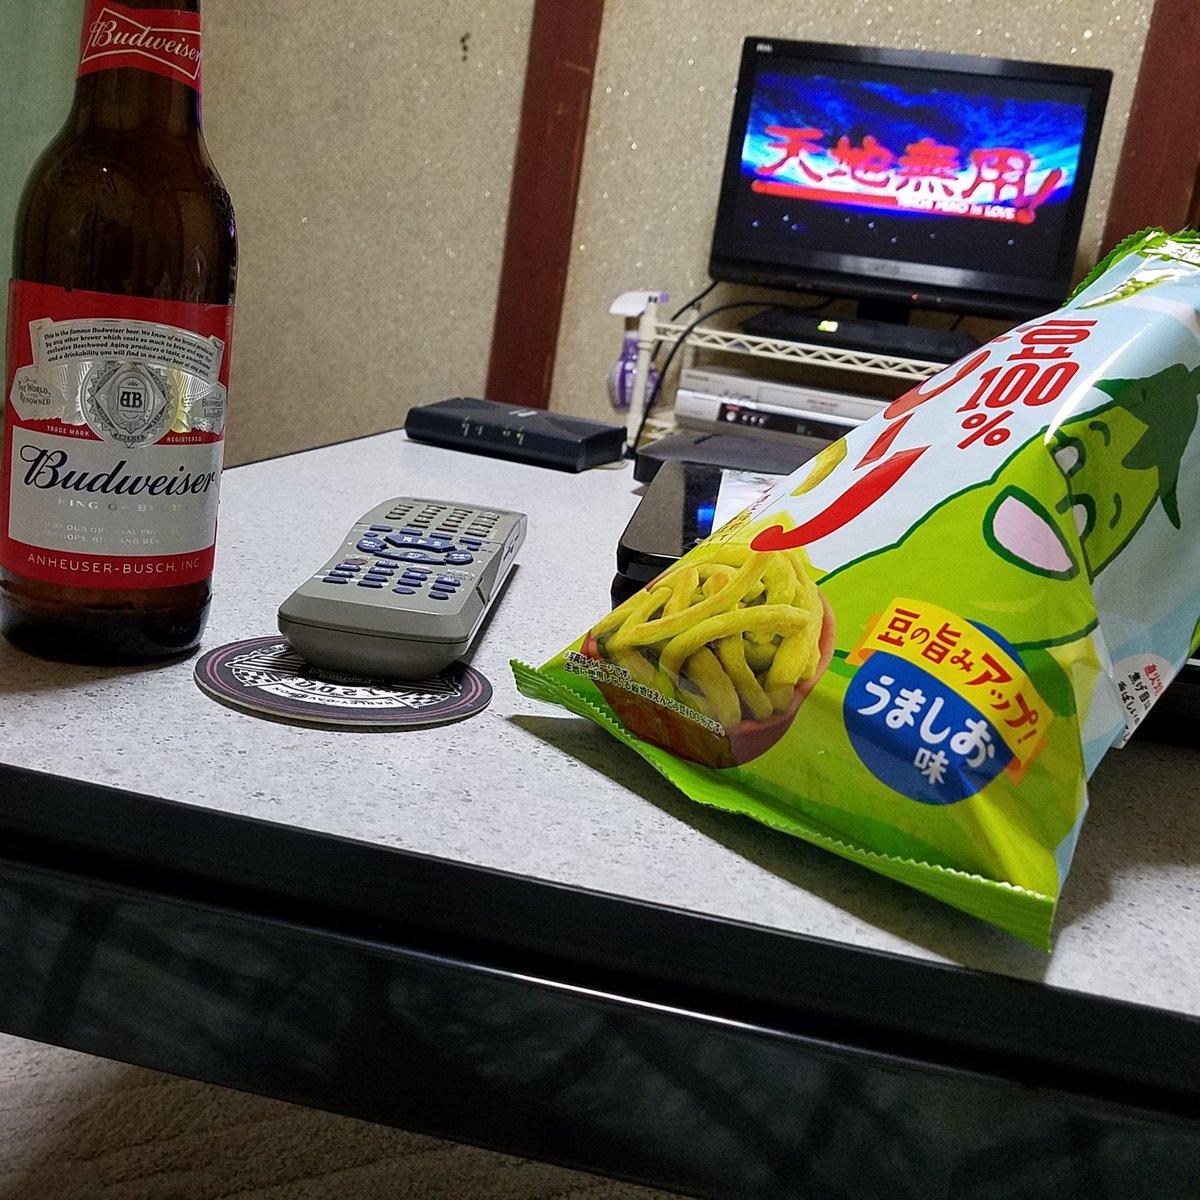 久しぶりに天地無用!観るべ(*^^)v 仕事終わって風呂入って寝るまでの余暇!大好きなBudweiser飲みながら映画!